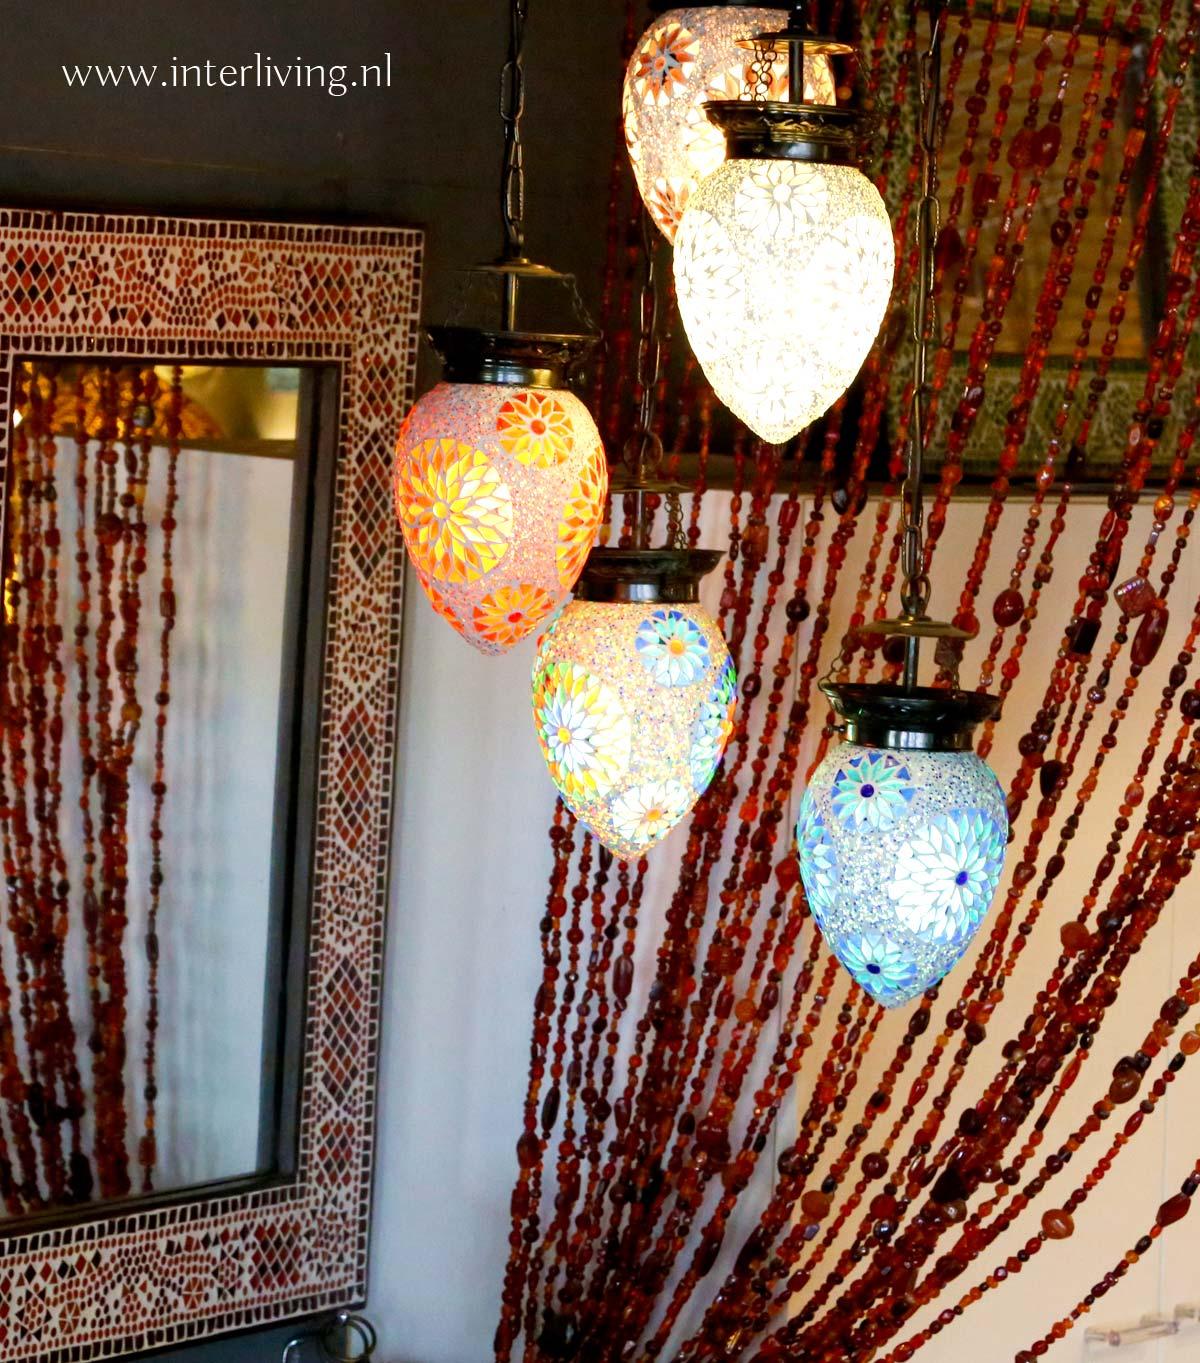 kralengordijn met mozaieklampen